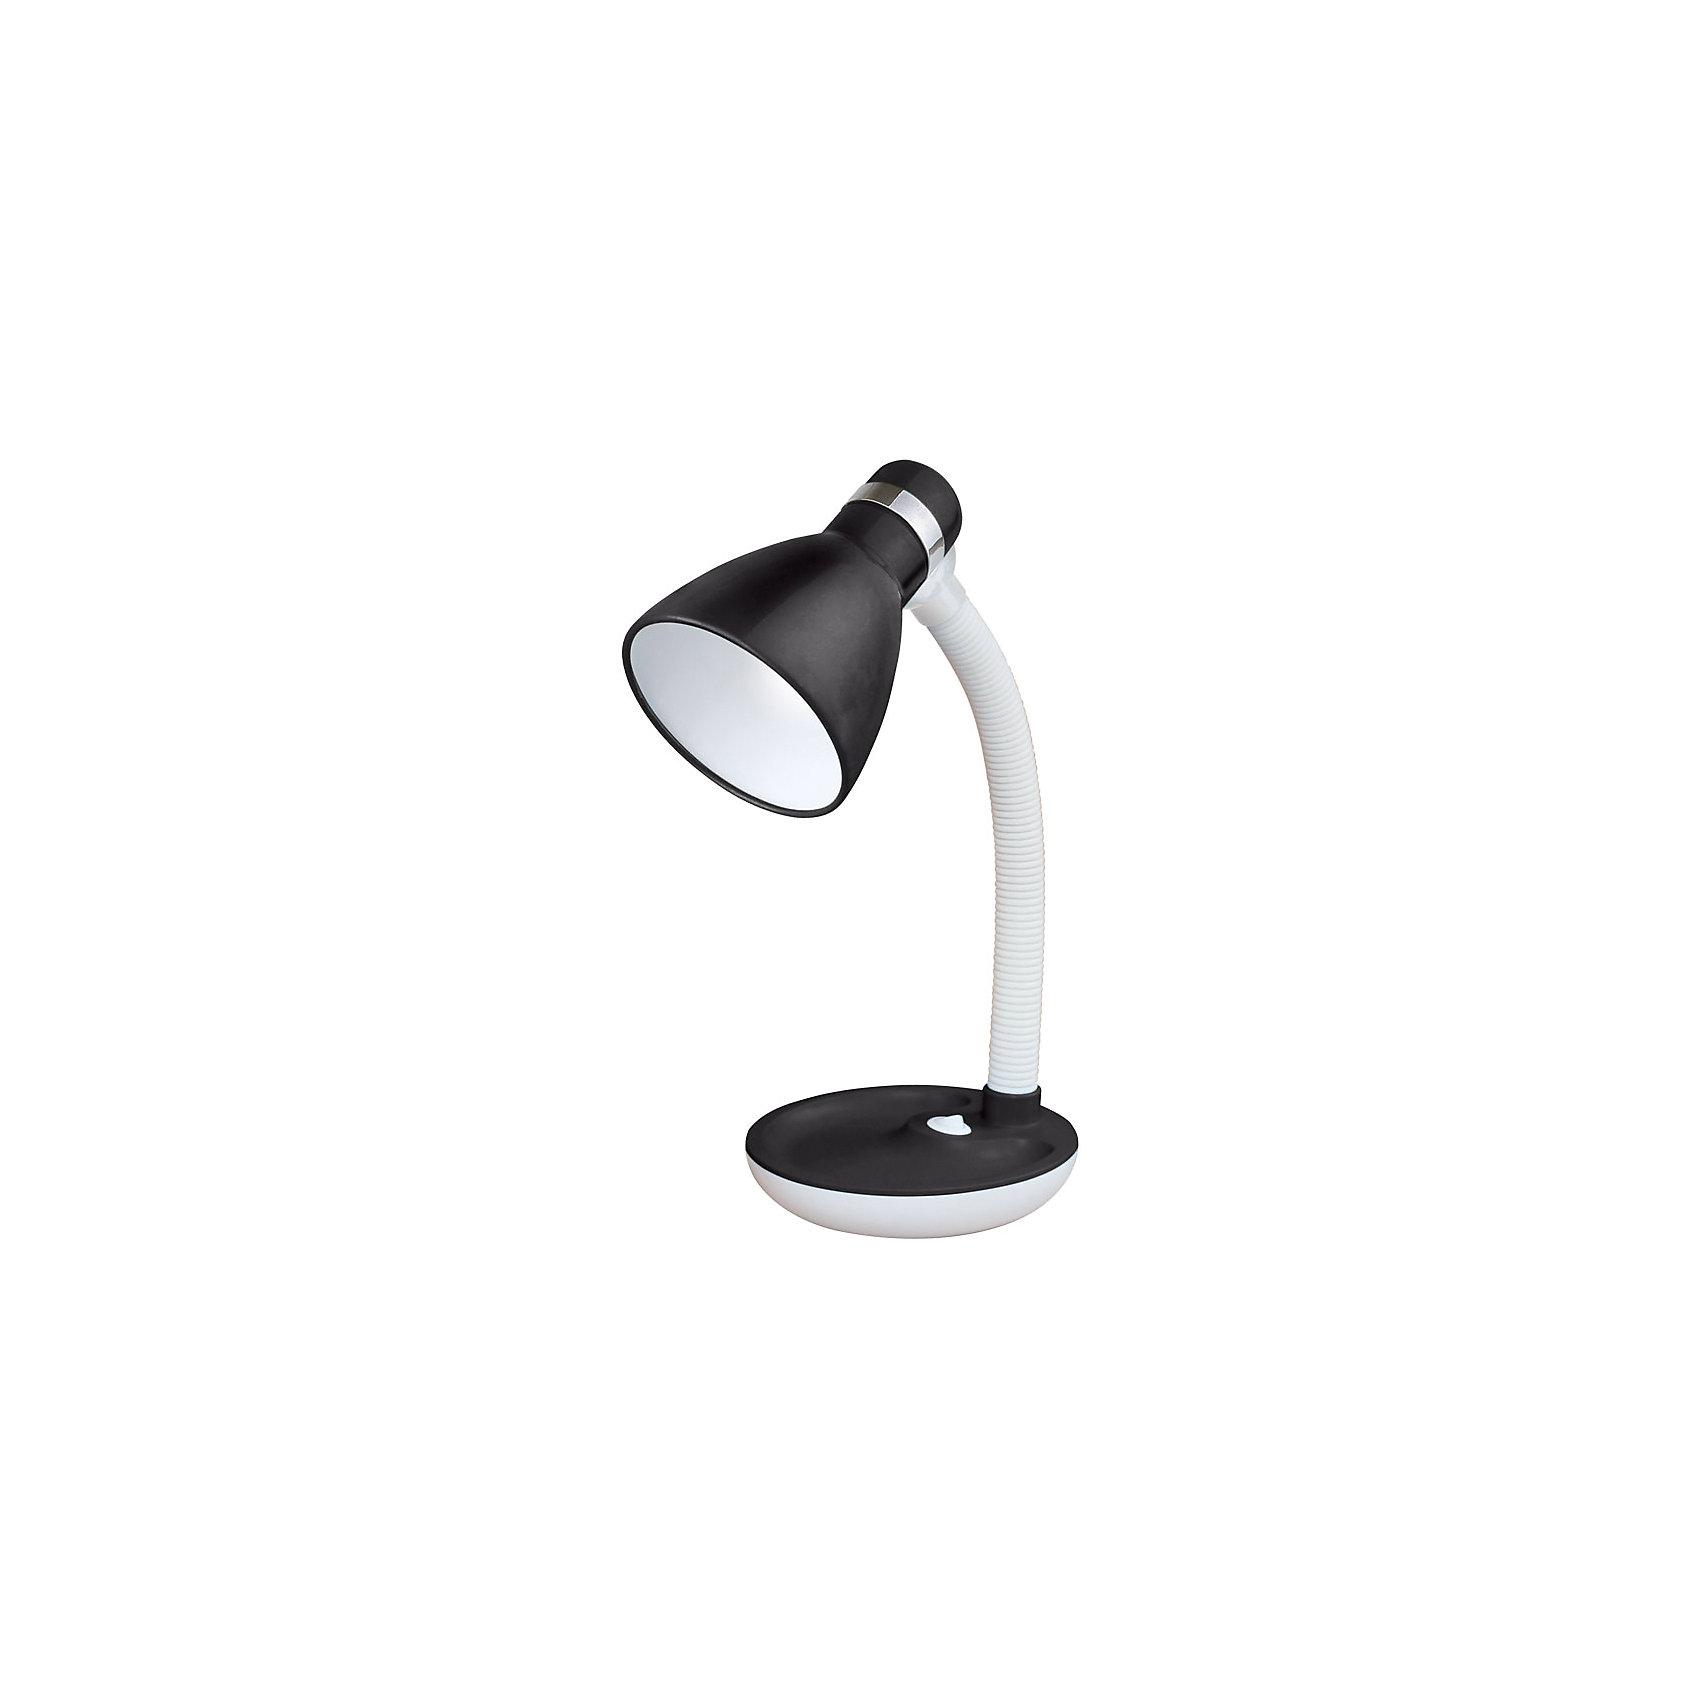 Energy Лампа электрическая настольная EN-DL16, Energy, черно-белый diasonic dl 60bsh настольная лампа black